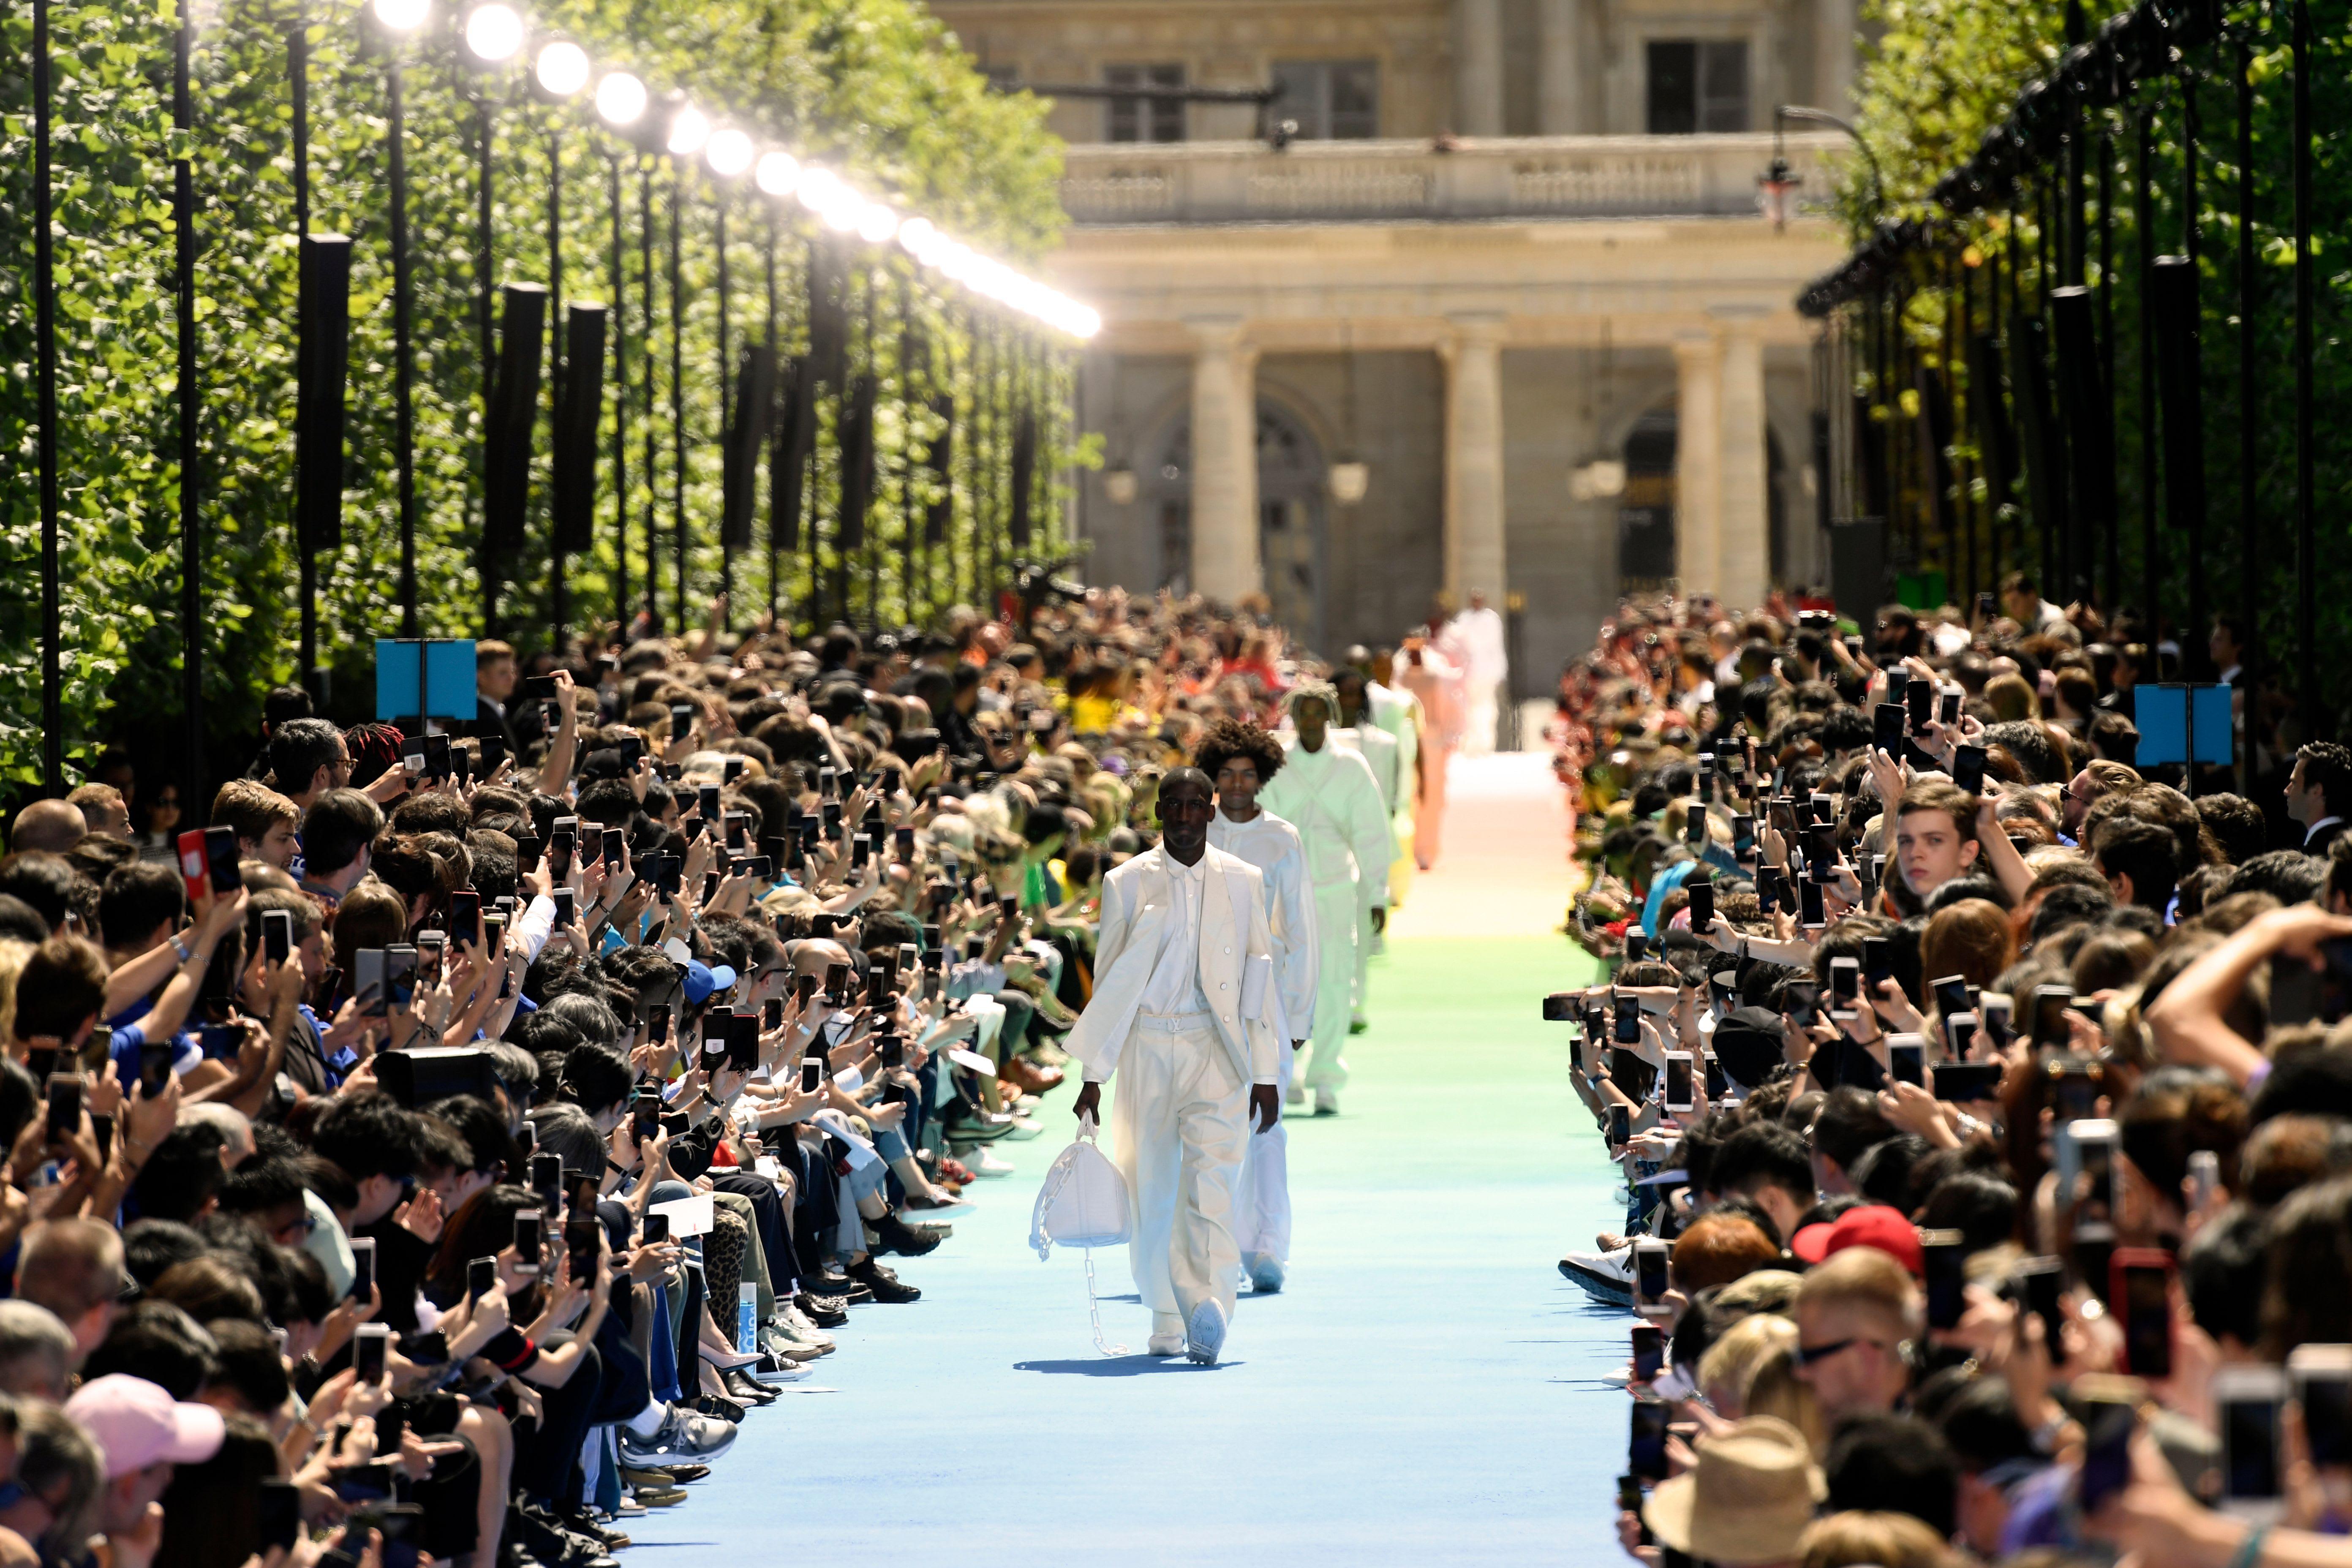 Virgil's Louis Vuitton show